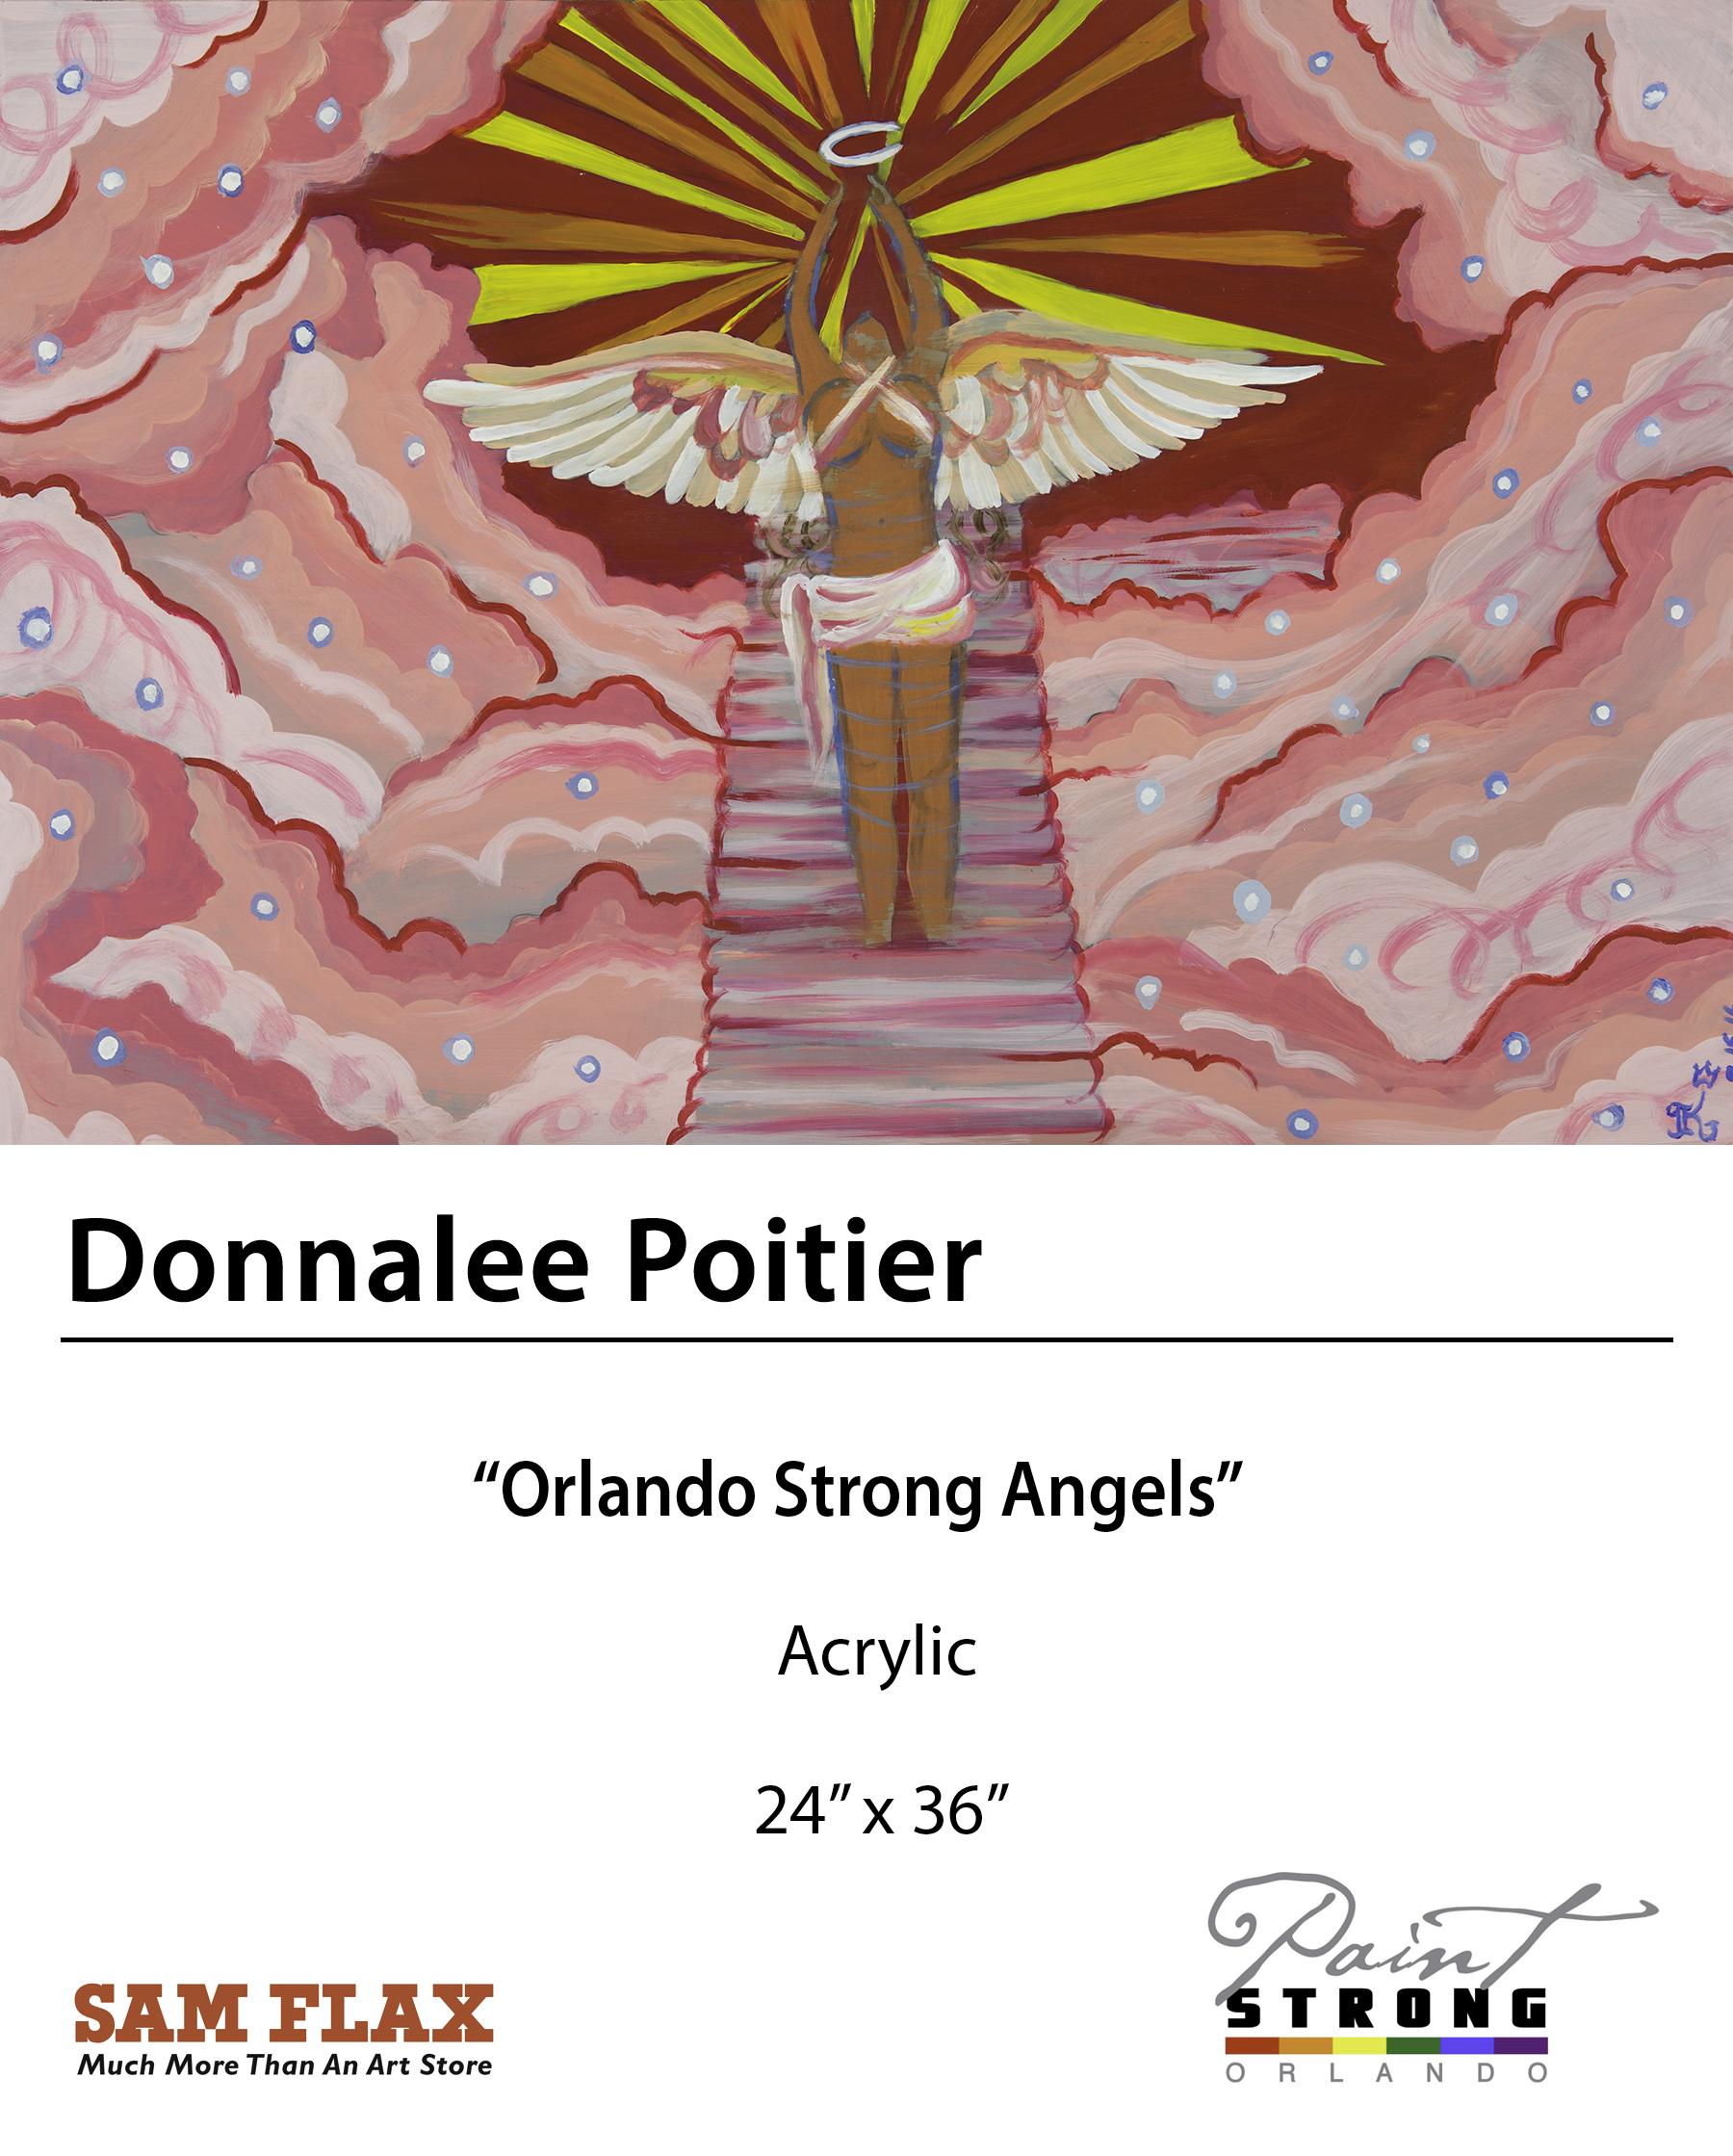 Donnalee Poitier